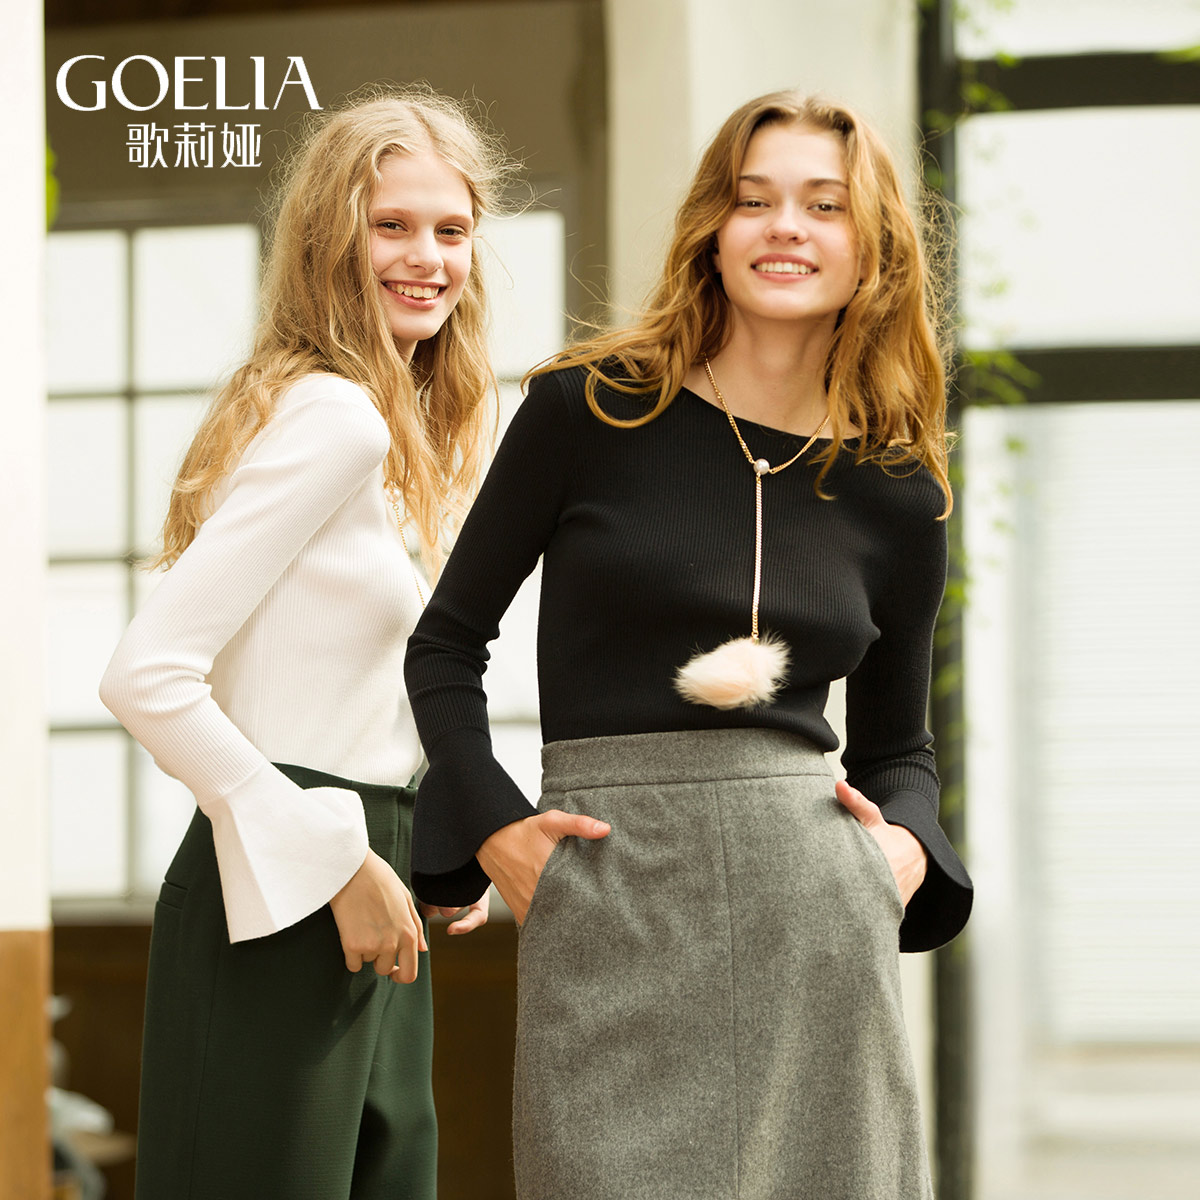 歌莉娅女装 歌莉娅女装 2016秋季新款一字领喇叭袖套头毛衣女169E5J380_推荐淘宝好看的歌莉娅